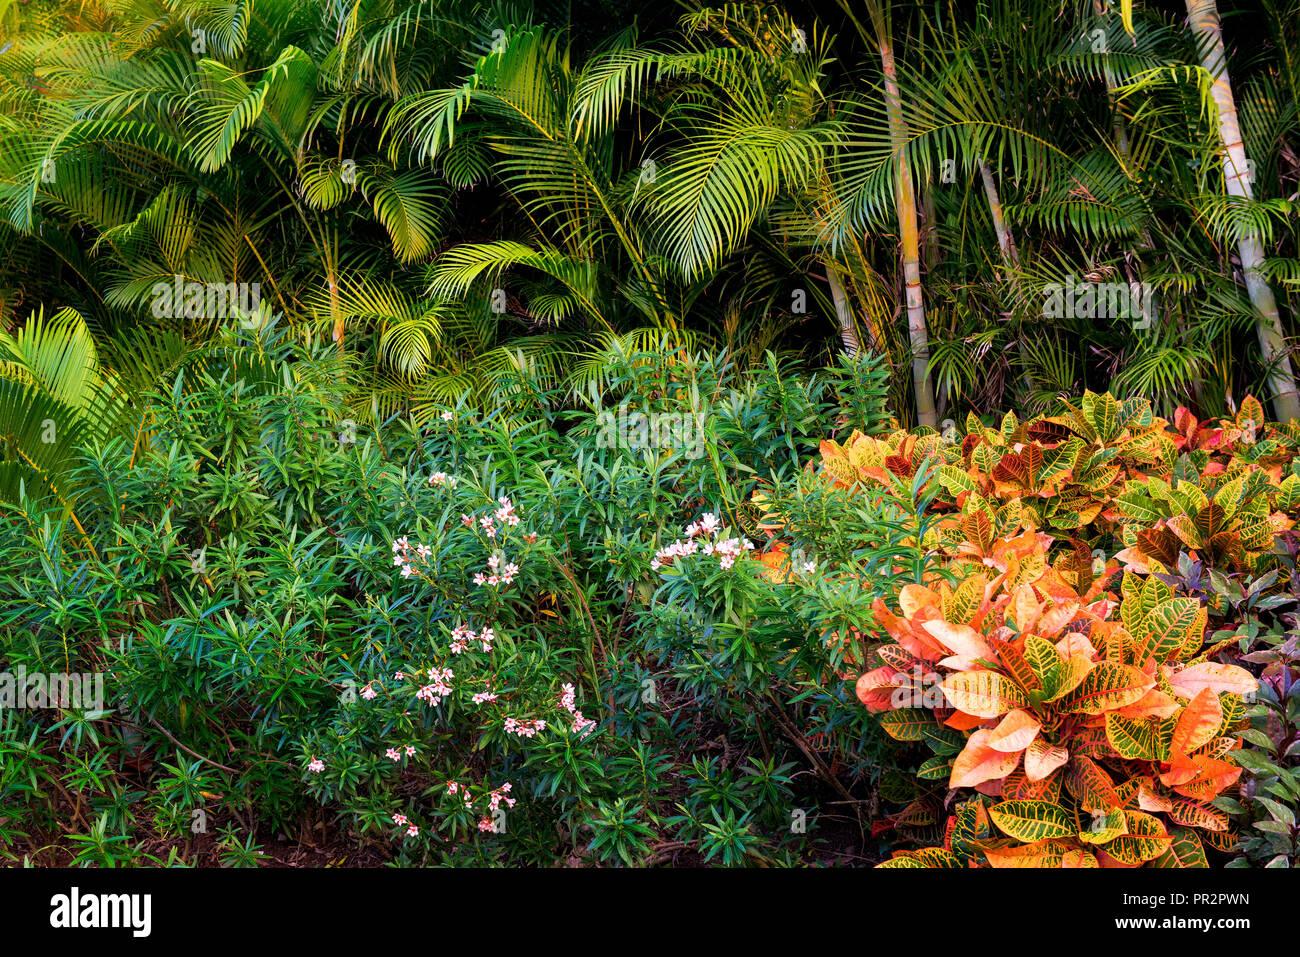 Tropical Garden - Stock Image